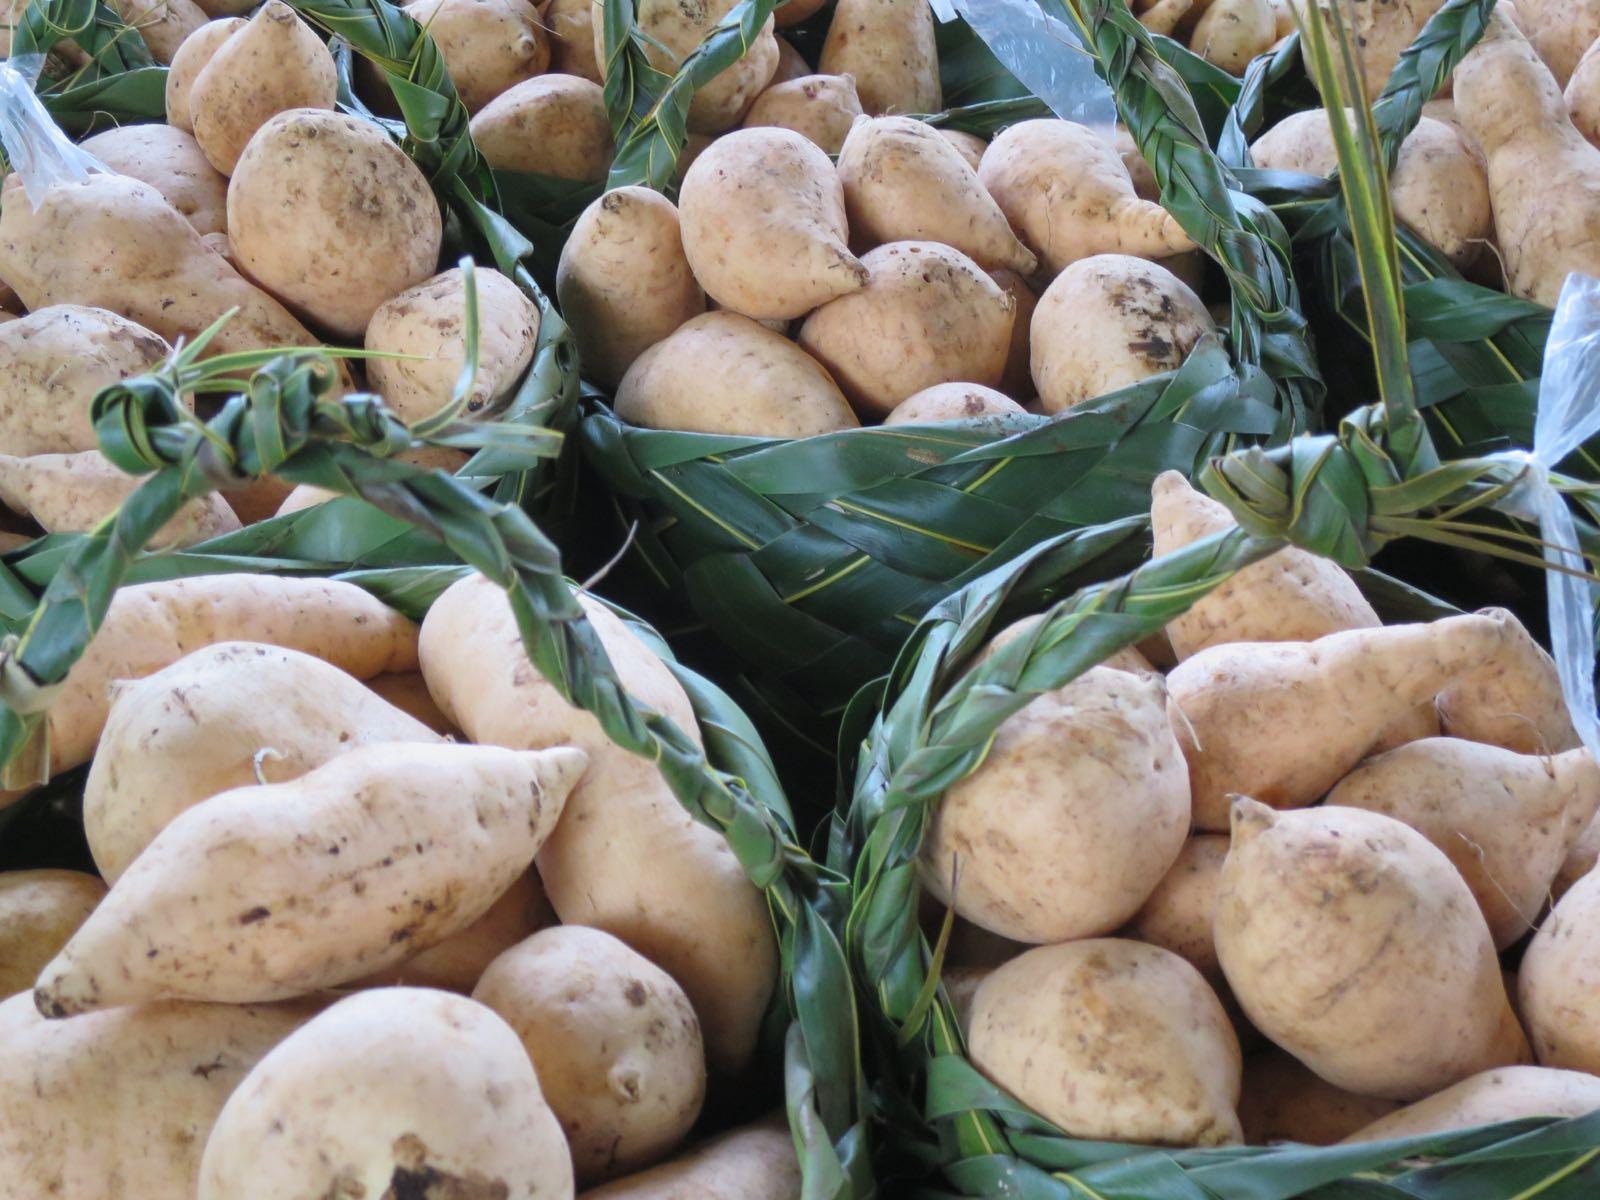 Mieltä lämmittää, kun markkinoiden hedelmät ja vihannekset ovat kaikki itse punotuissa koreissa! Muovipusseja ei käytetä.